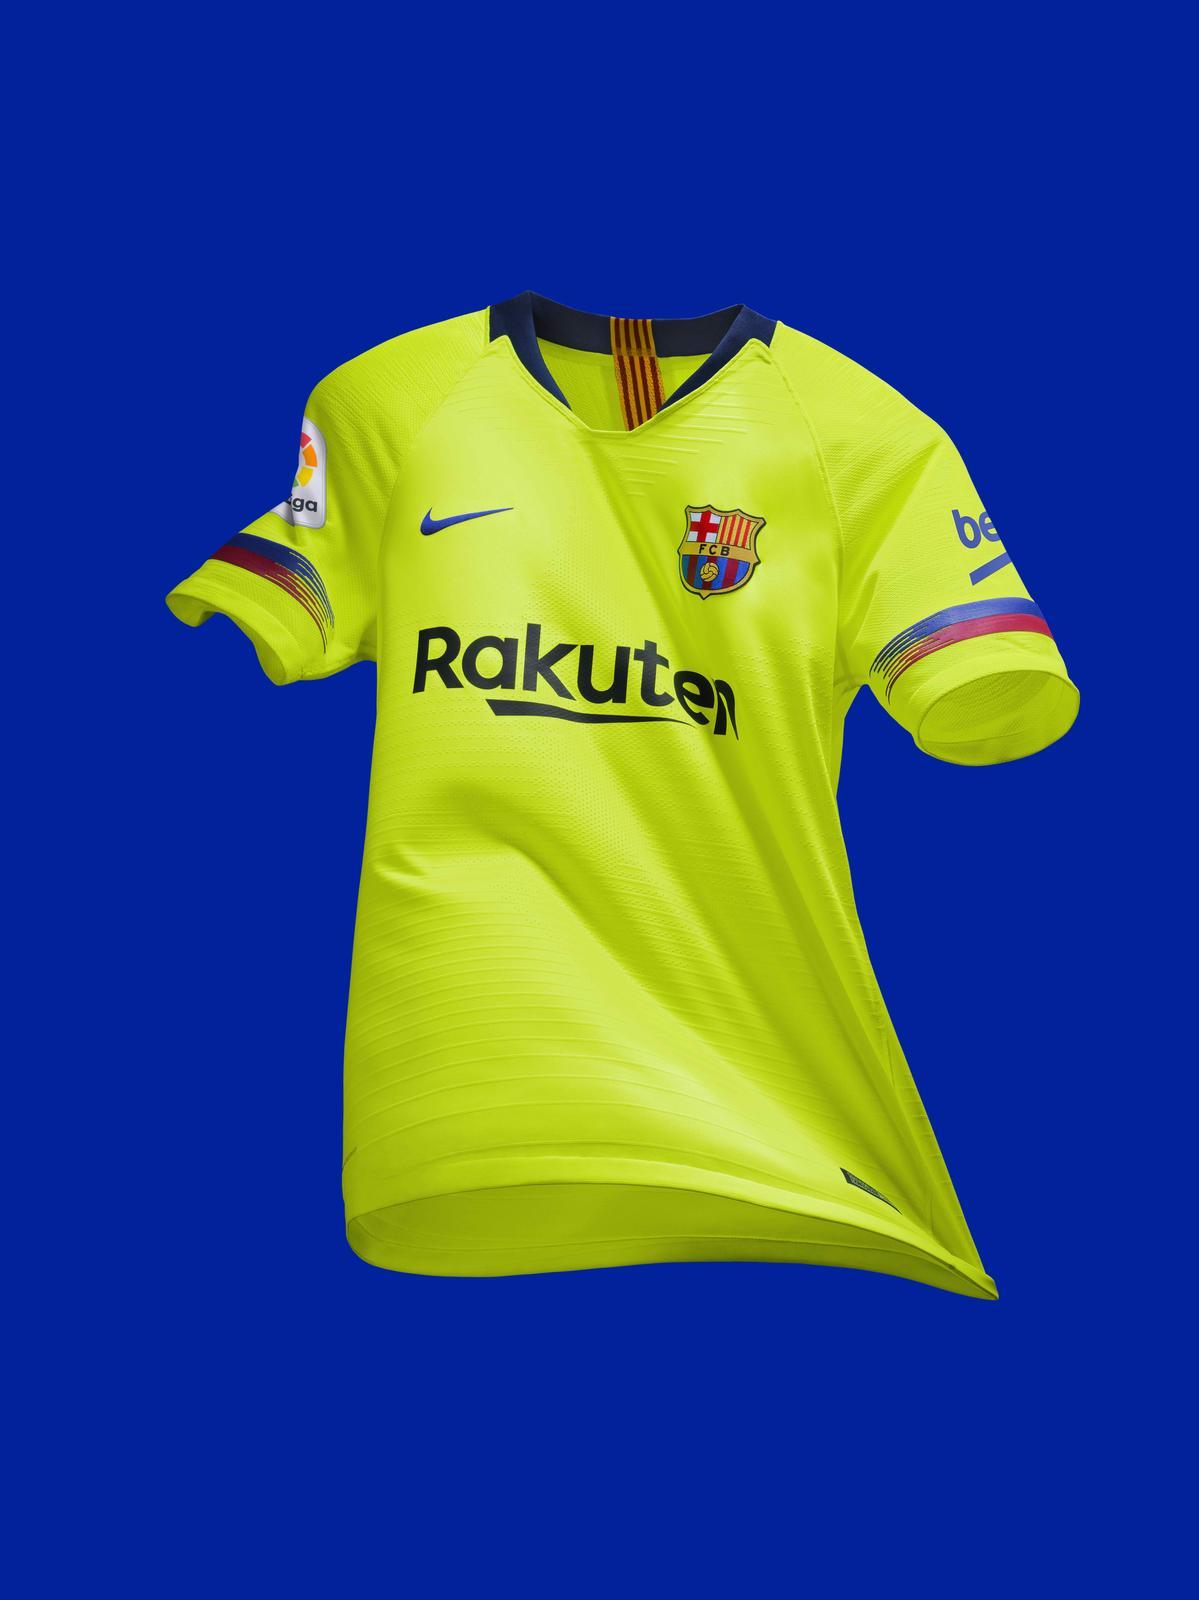 e9800663d1d Barcelona Reveal Their 2018 19 Lime Green Away Kit